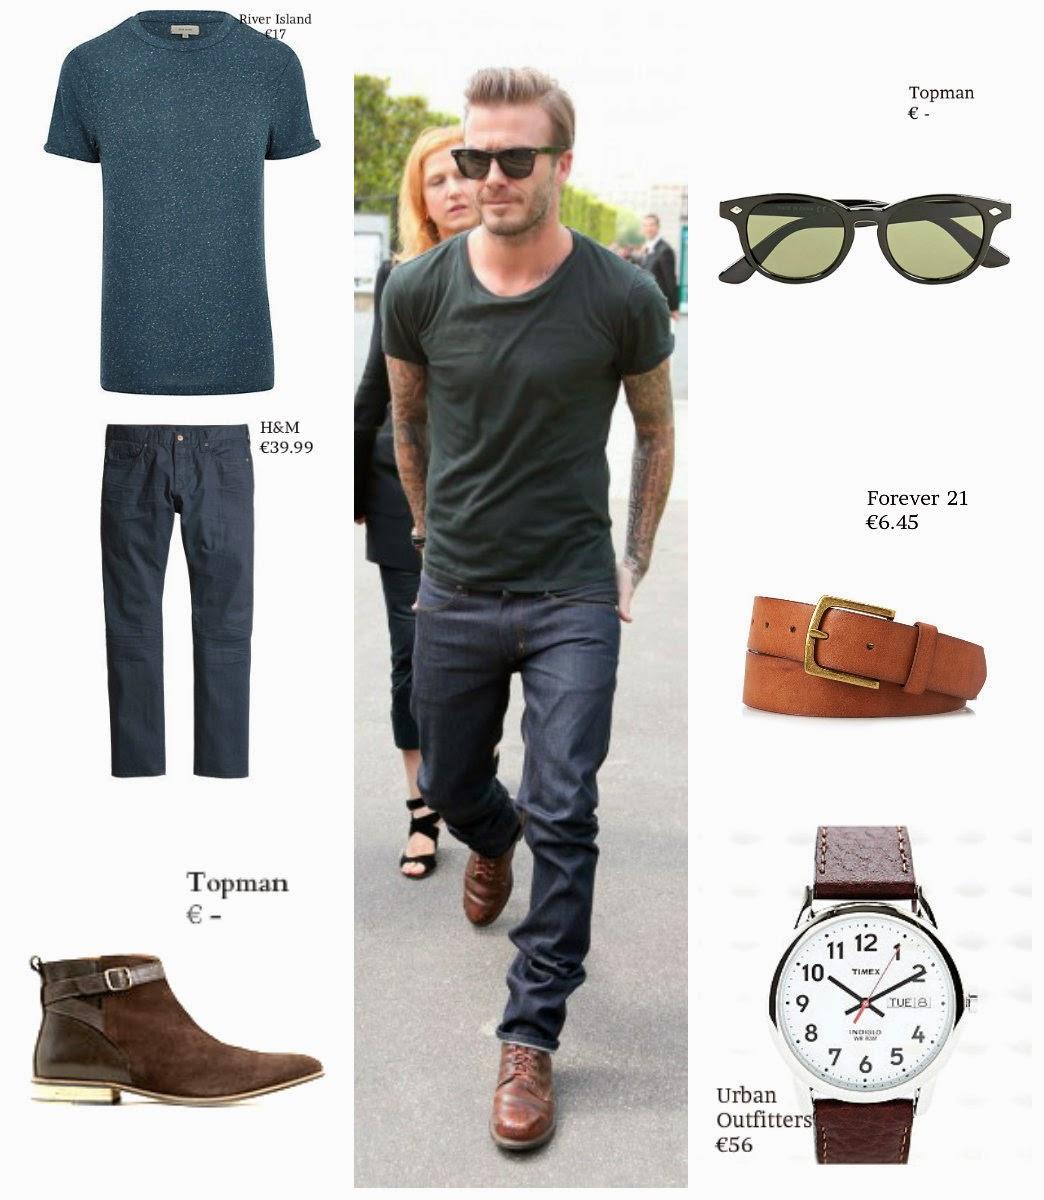 The David Beckham Look Book - GQ